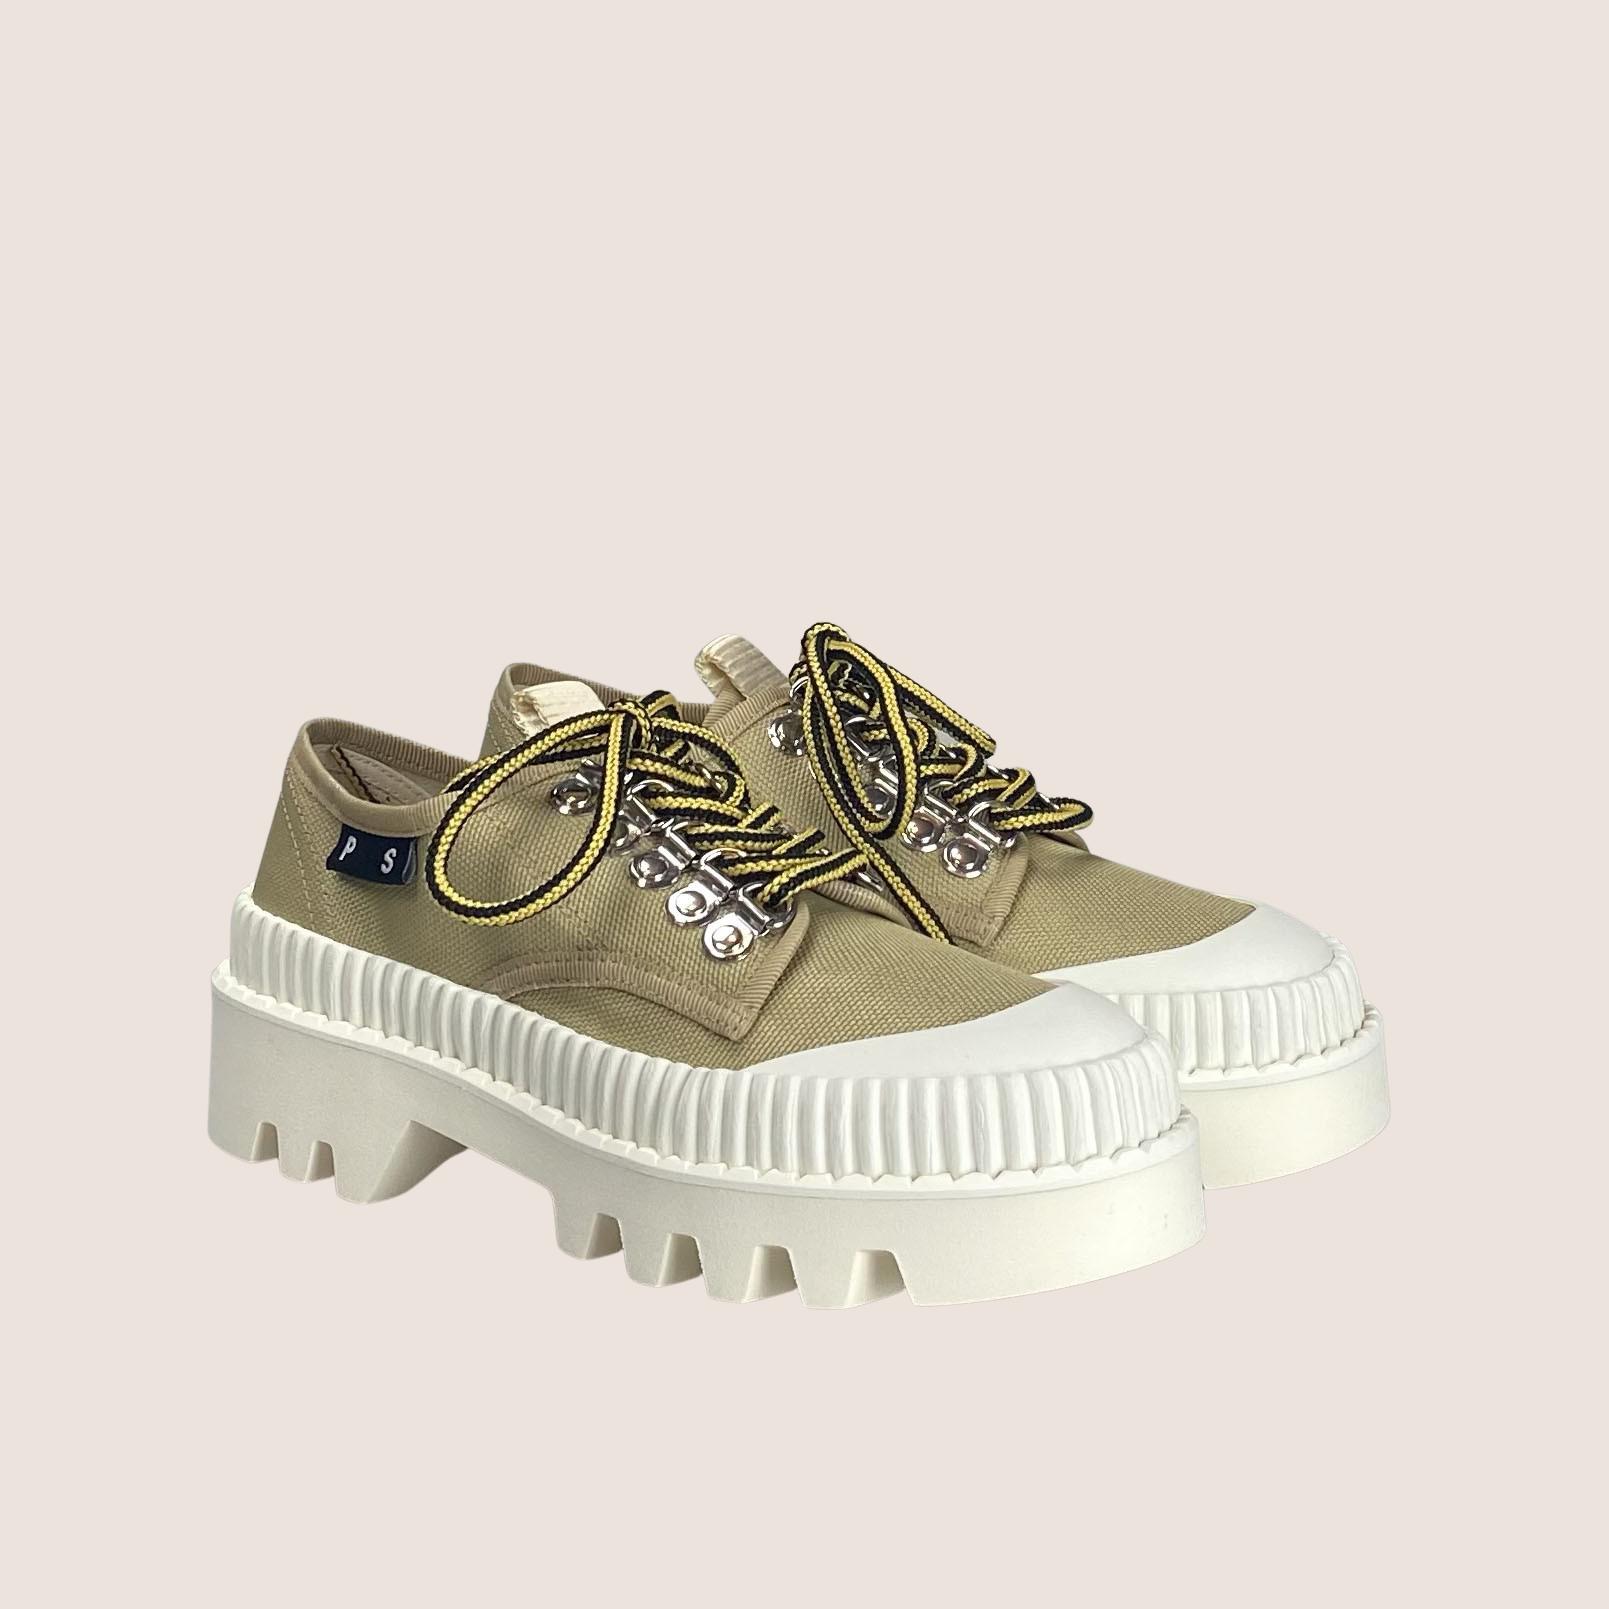 City Lug Sole Shoes